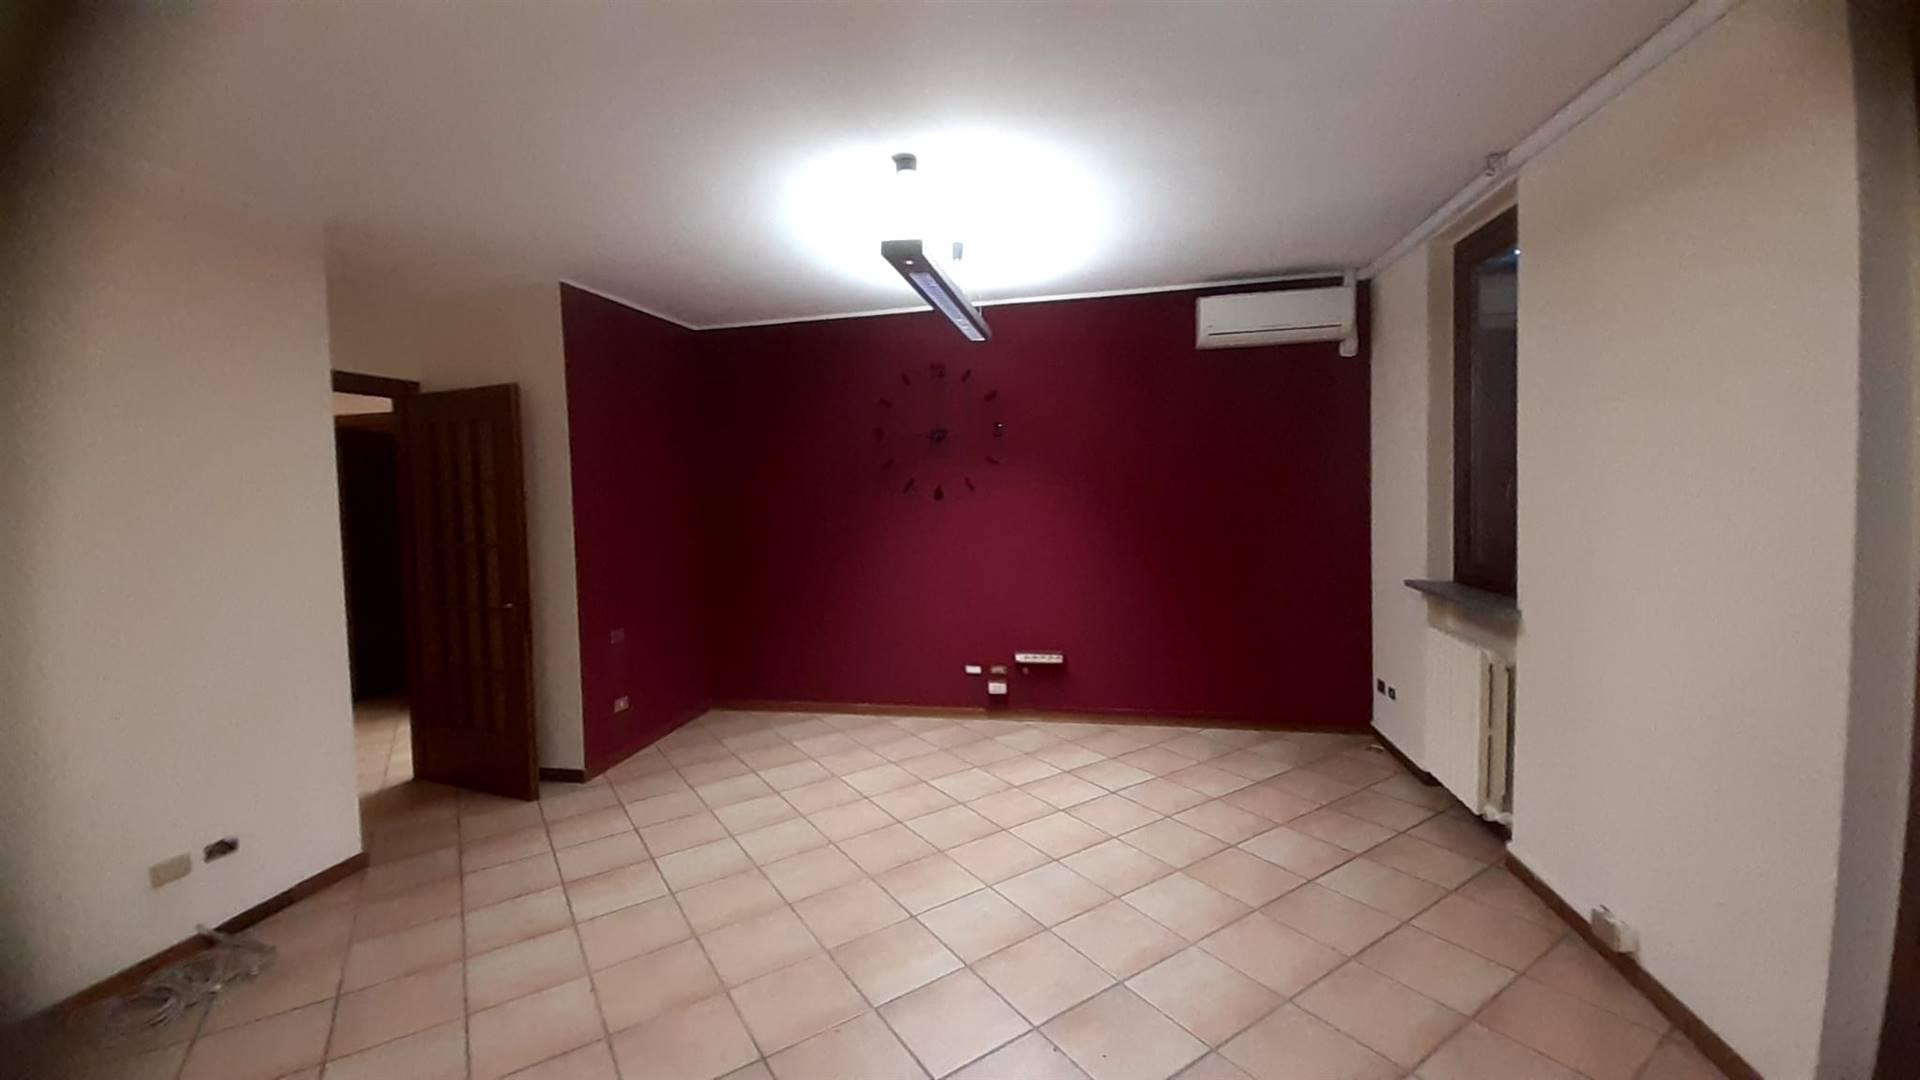 Ufficio / Studio in affitto a Garbagnate Milanese, 2 locali, prezzo € 800 | PortaleAgenzieImmobiliari.it